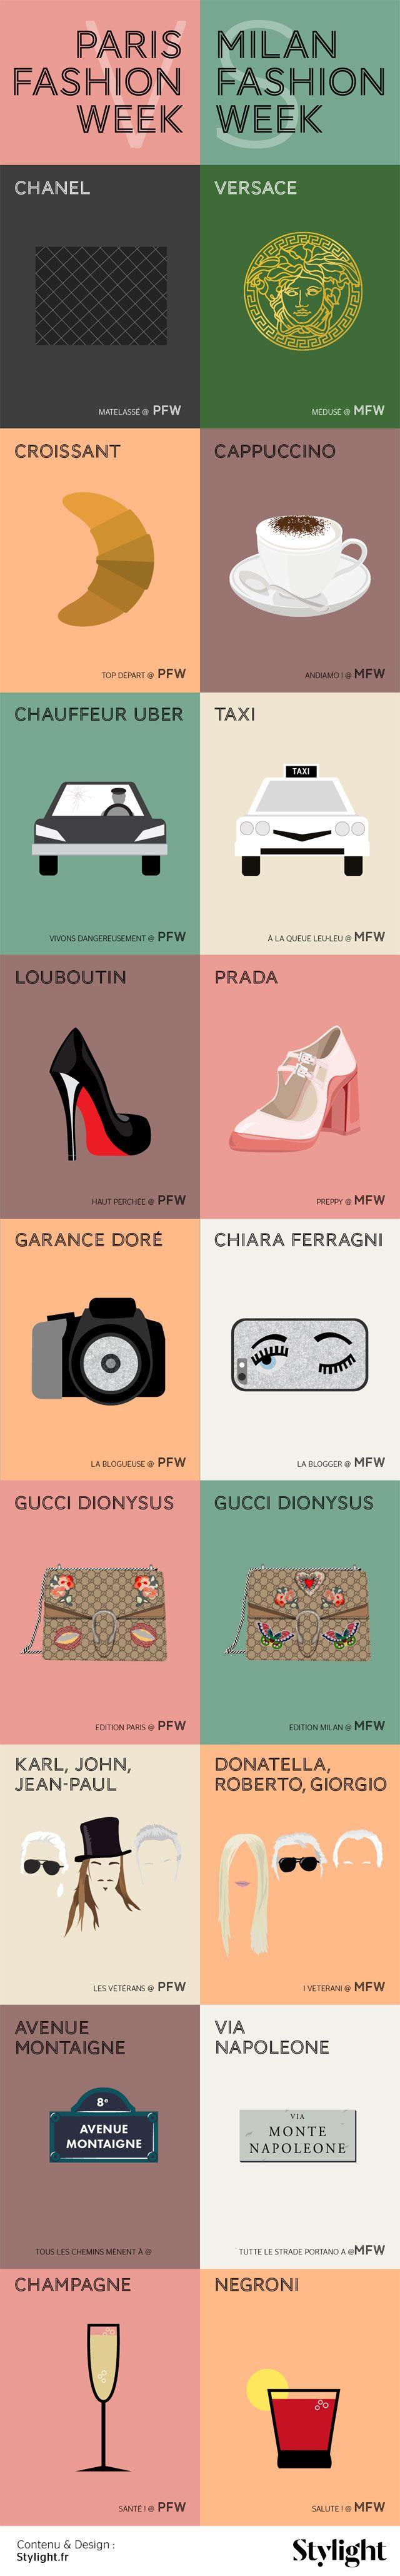 Chanel ou Versace ? Garance Doré ou Chiara Ferragni ? Champagne ou Negroni ? Stylight s'est amusé à compiler ce qui opposer la Fashion Week de Milan à celle de Paris. Alors quelle ville remporte le match des paillettes ?